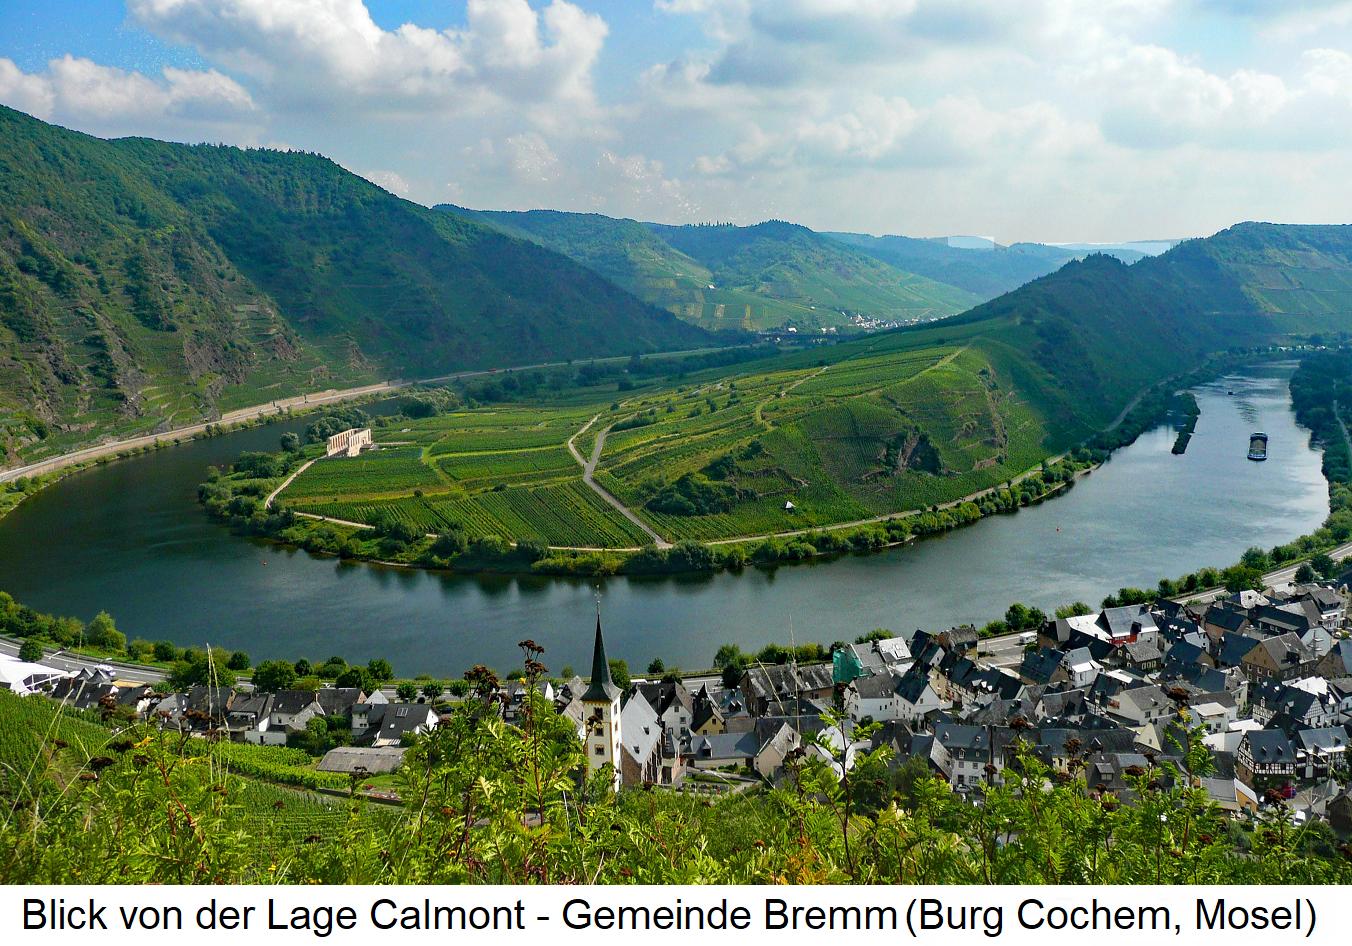 Blick von der Lage Calmont über die Gemeinde Bremm und das gegenüberliegende Moselufer